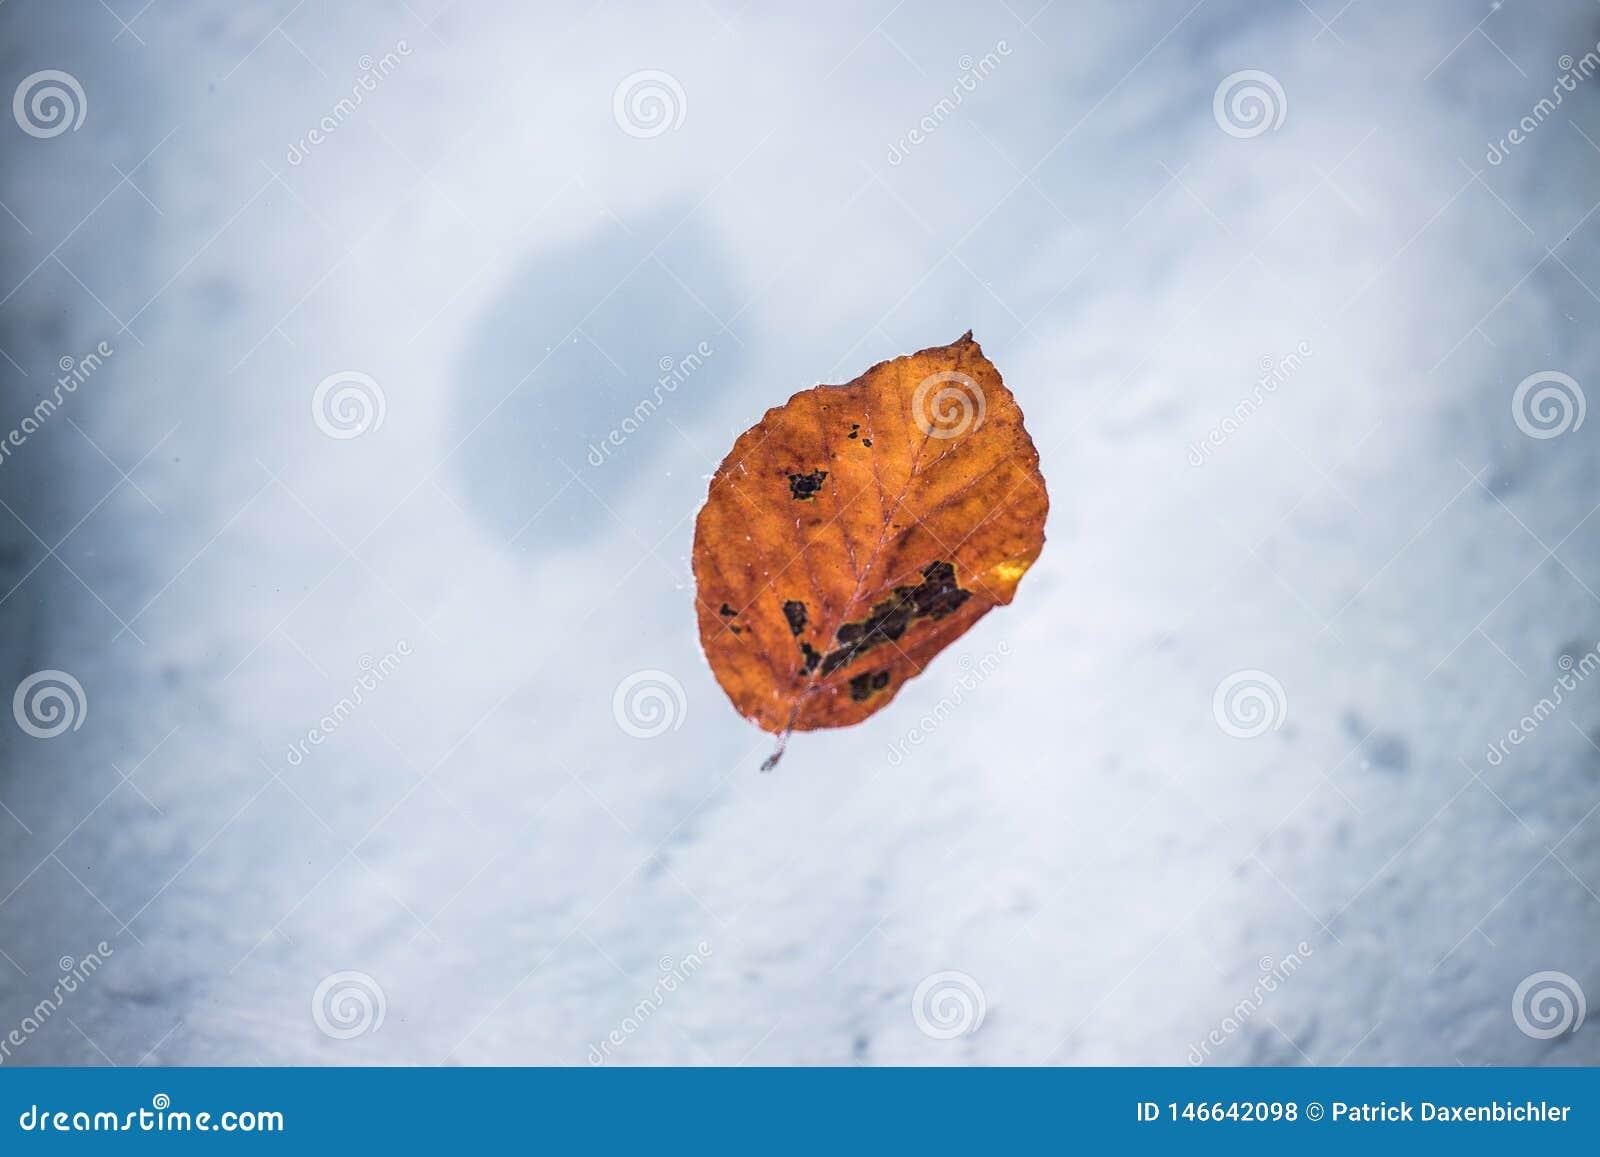 Оранжевые заплывы лист в открытом море реки, экземпляра